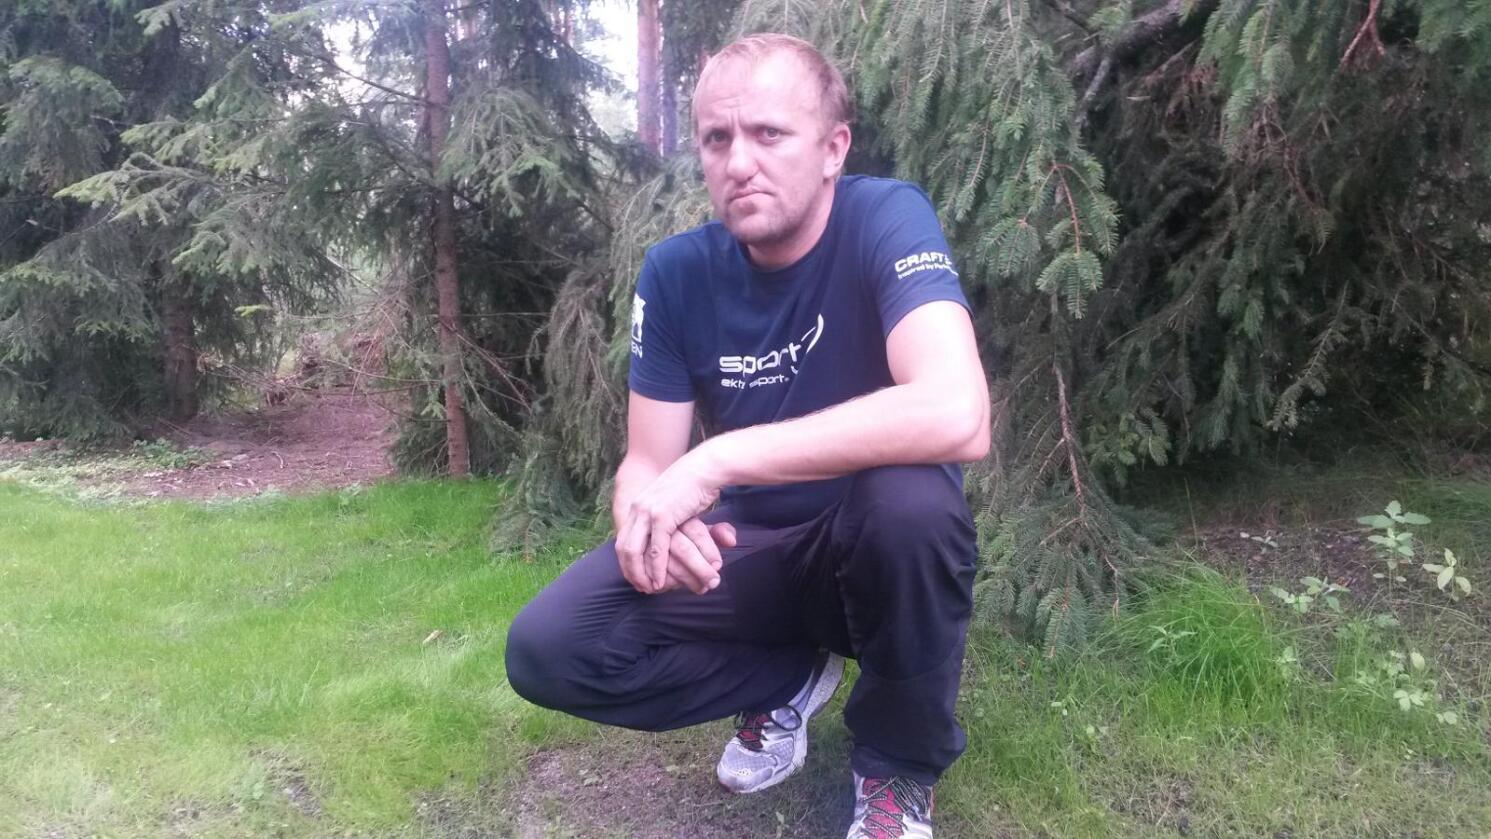 Odd Arne Ås frykter at belastningene etter ulvesaken vil prege ham resten av livet. 25.000 kroner i oppreisning blir lite i en slik sammenheng, mener han. Foto: Privat